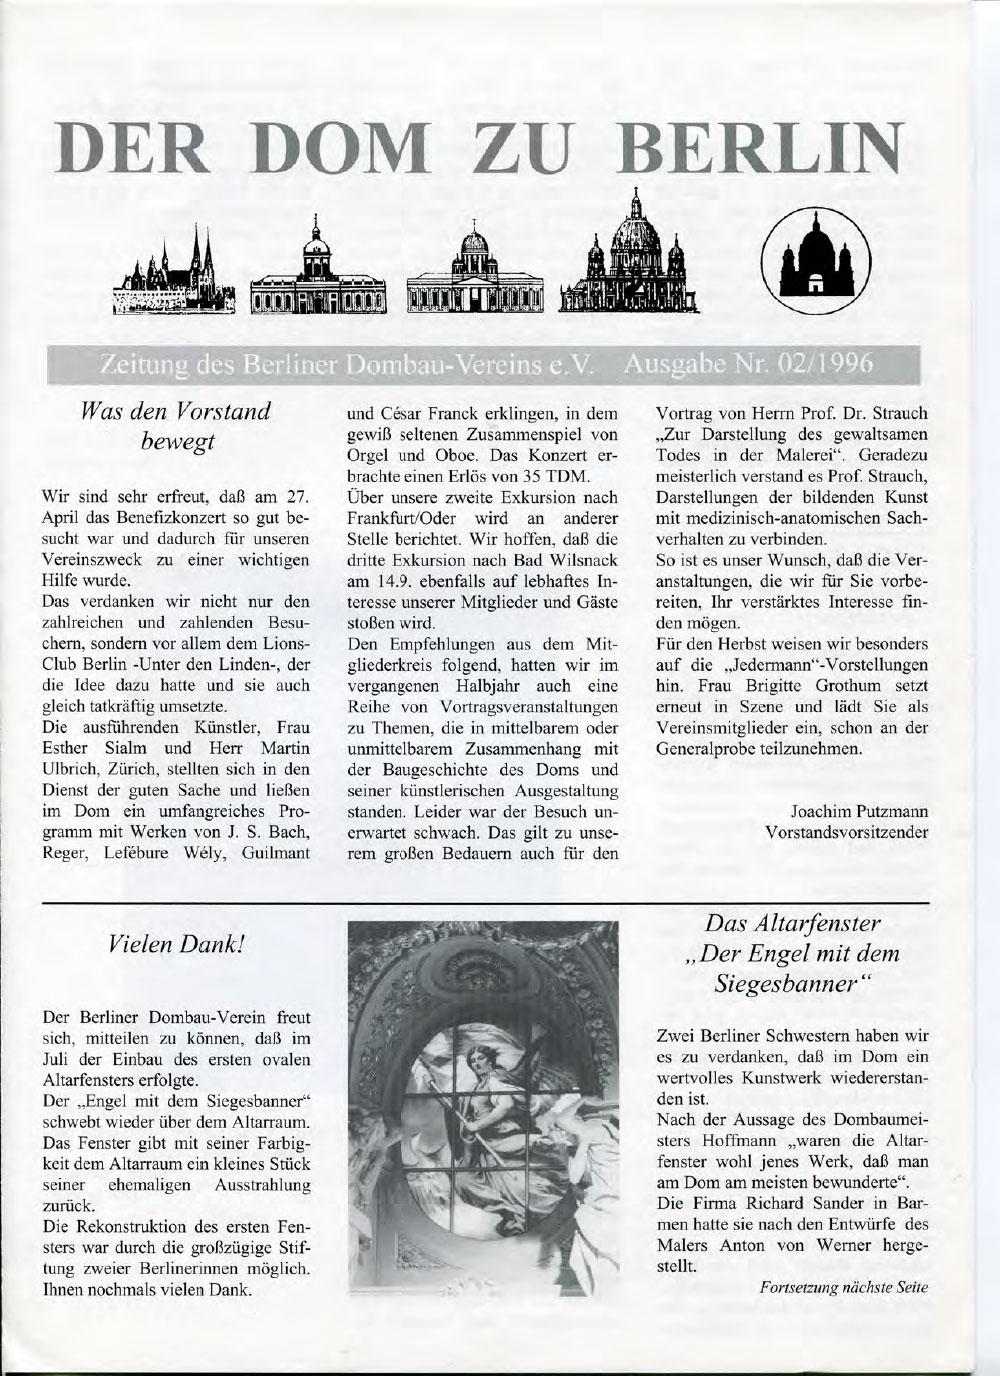 Dombau-Verein-Berlin Zeitung 02